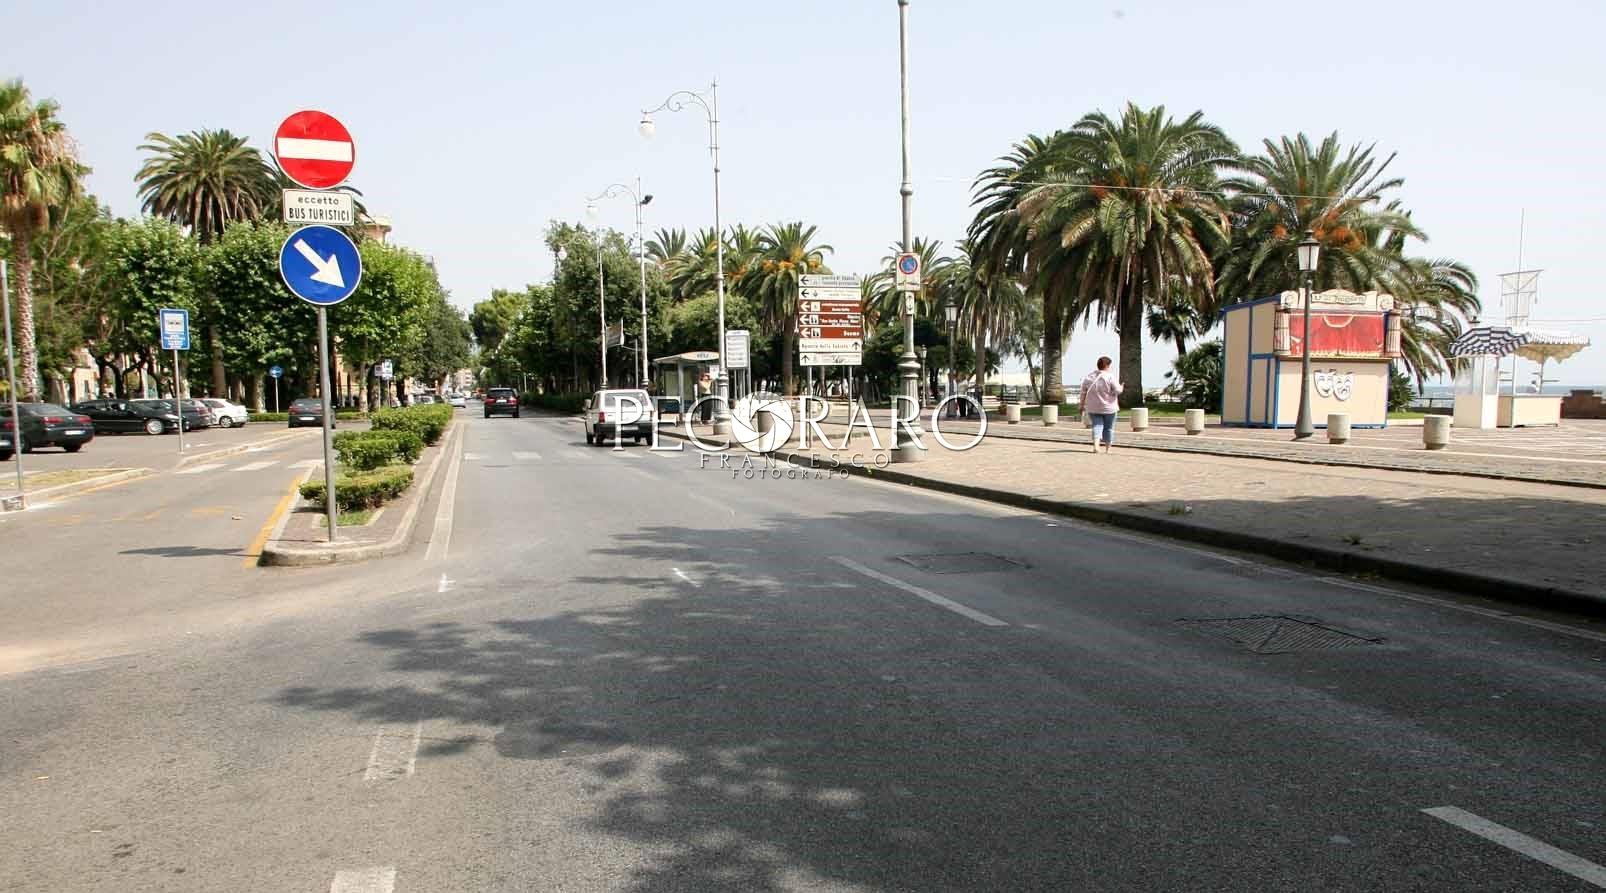 Parcheggio interrato in piazza cavour frenata sul - Parcheggio interrato ...